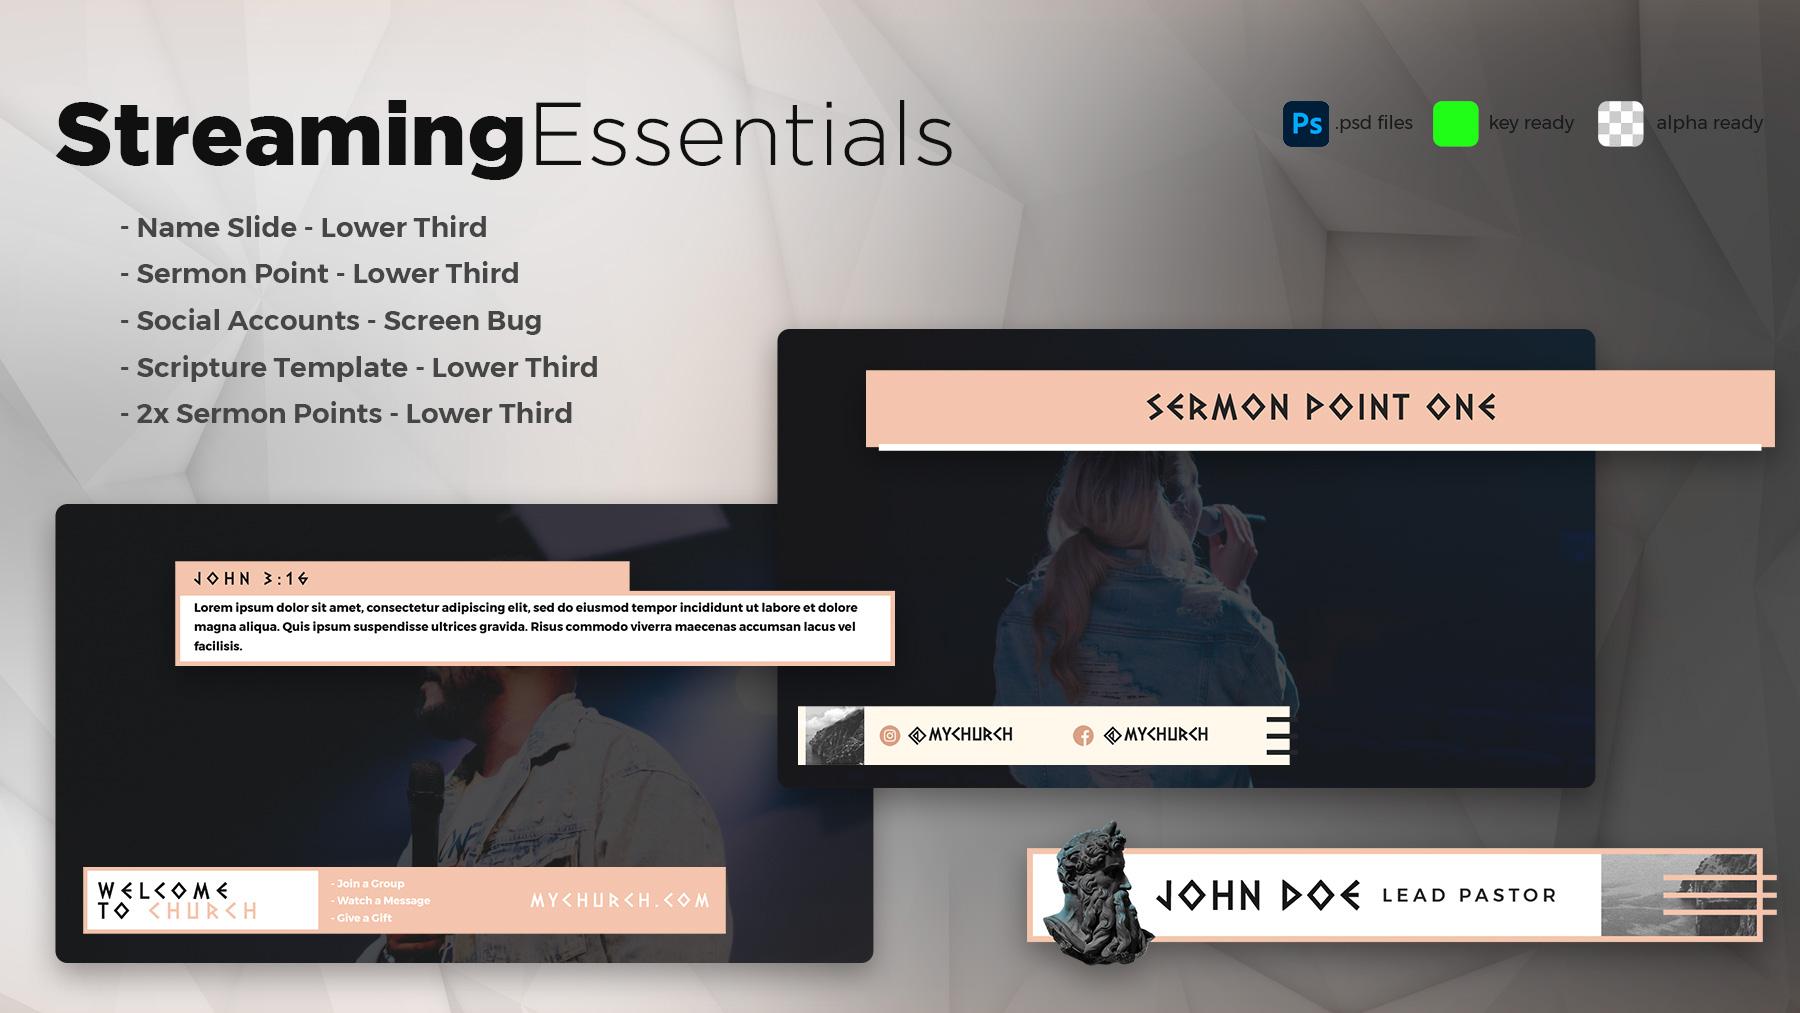 lfnd streaming essentials